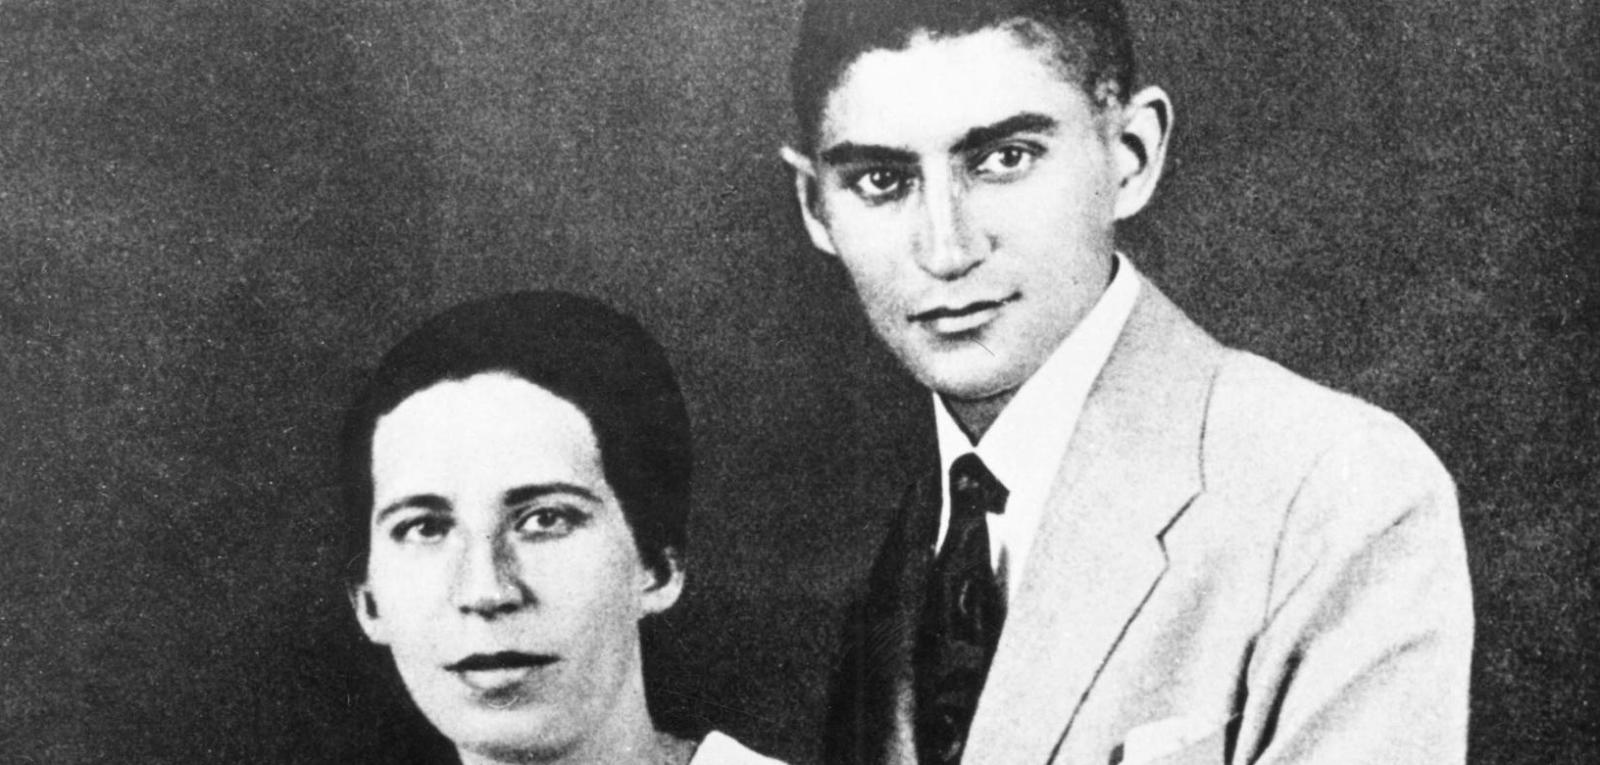 فرانتس کافکا به همراه نامزدش فلیسه باوئر